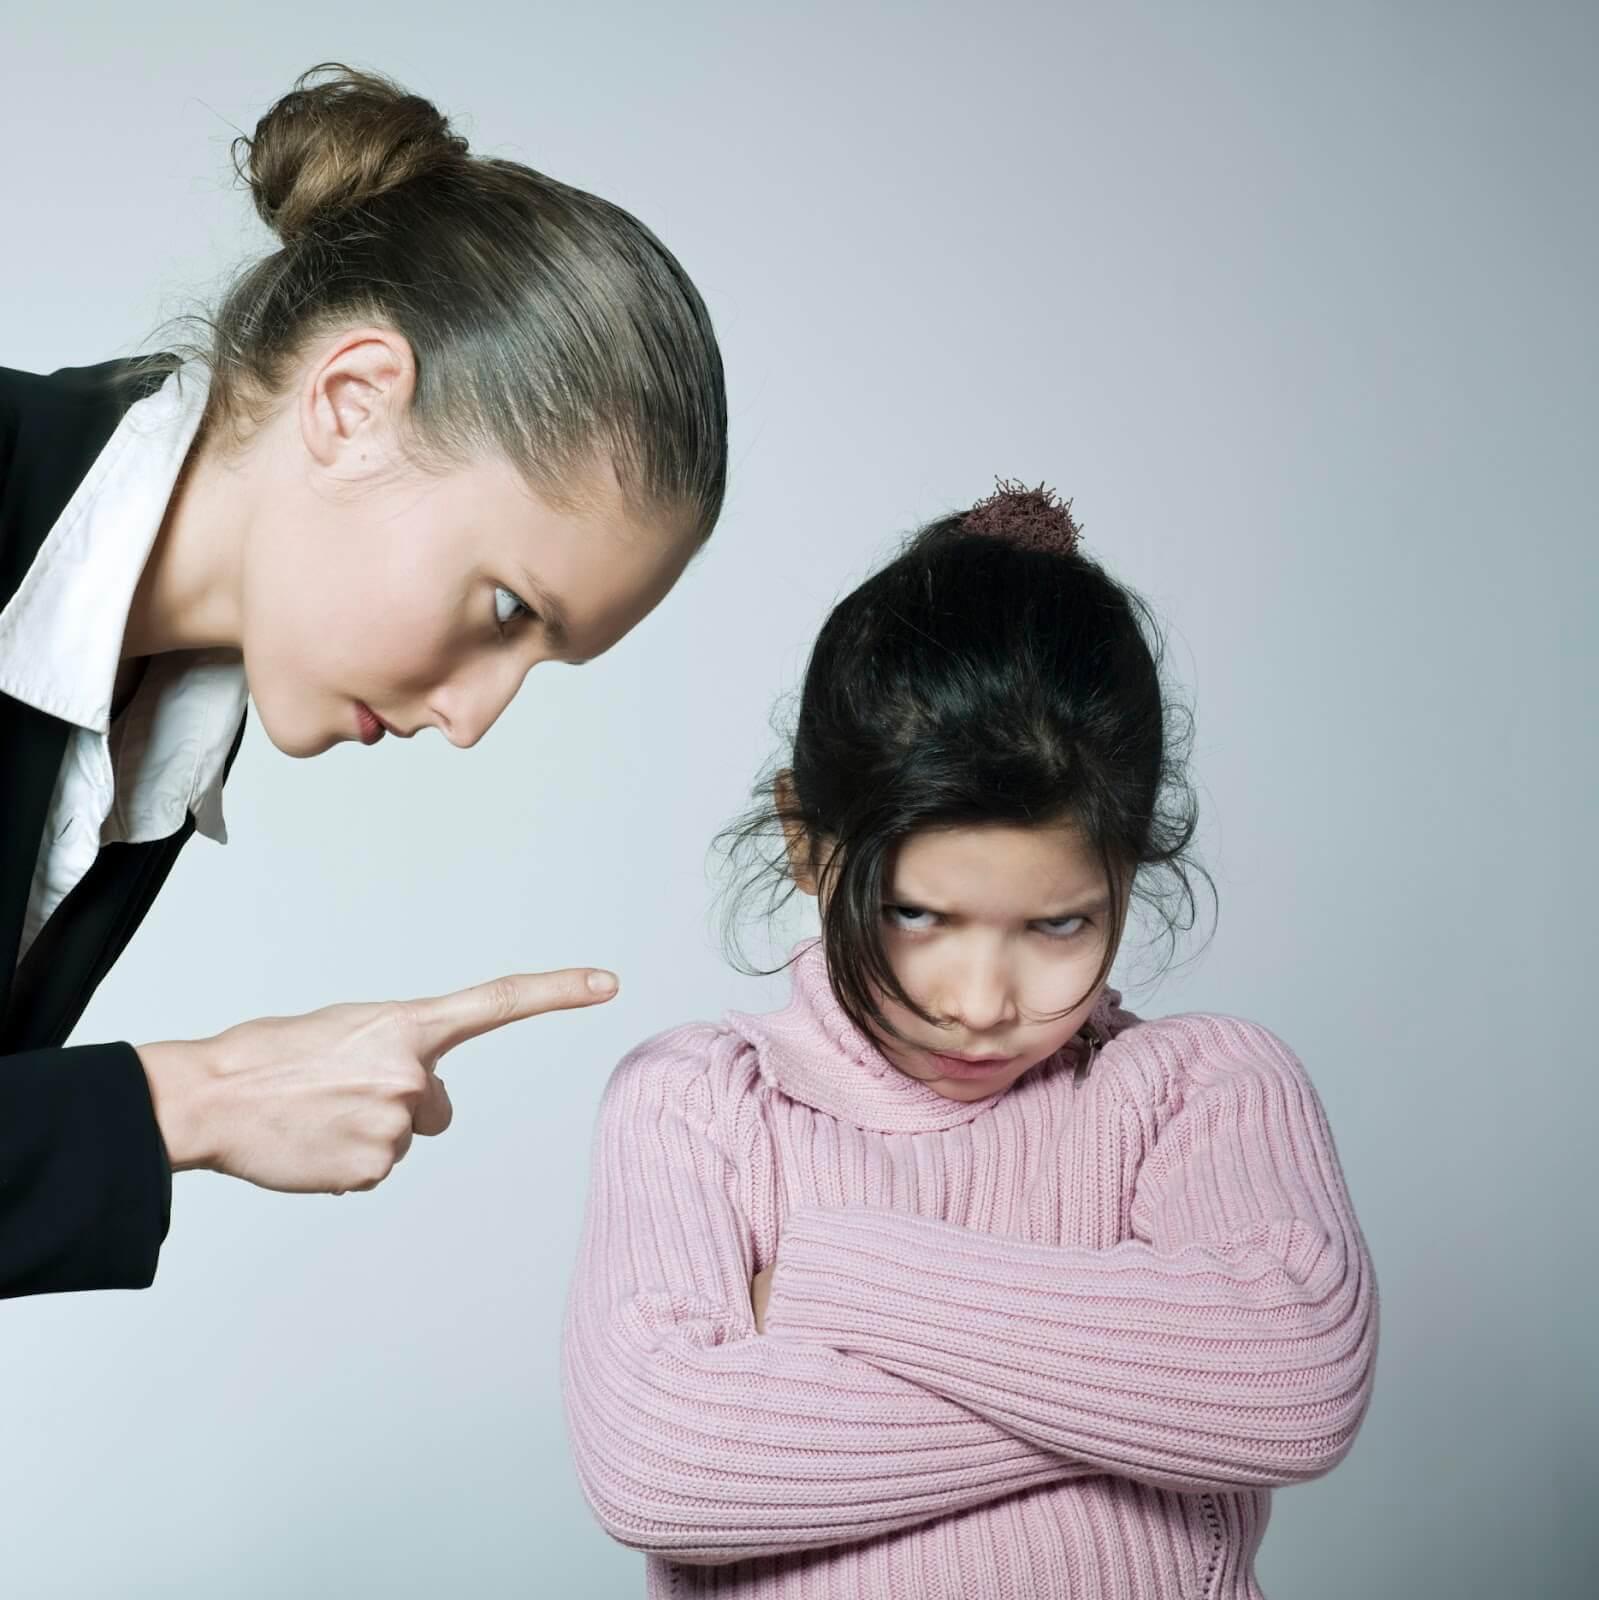 Как правильно запрещать ребенку: советы психолога